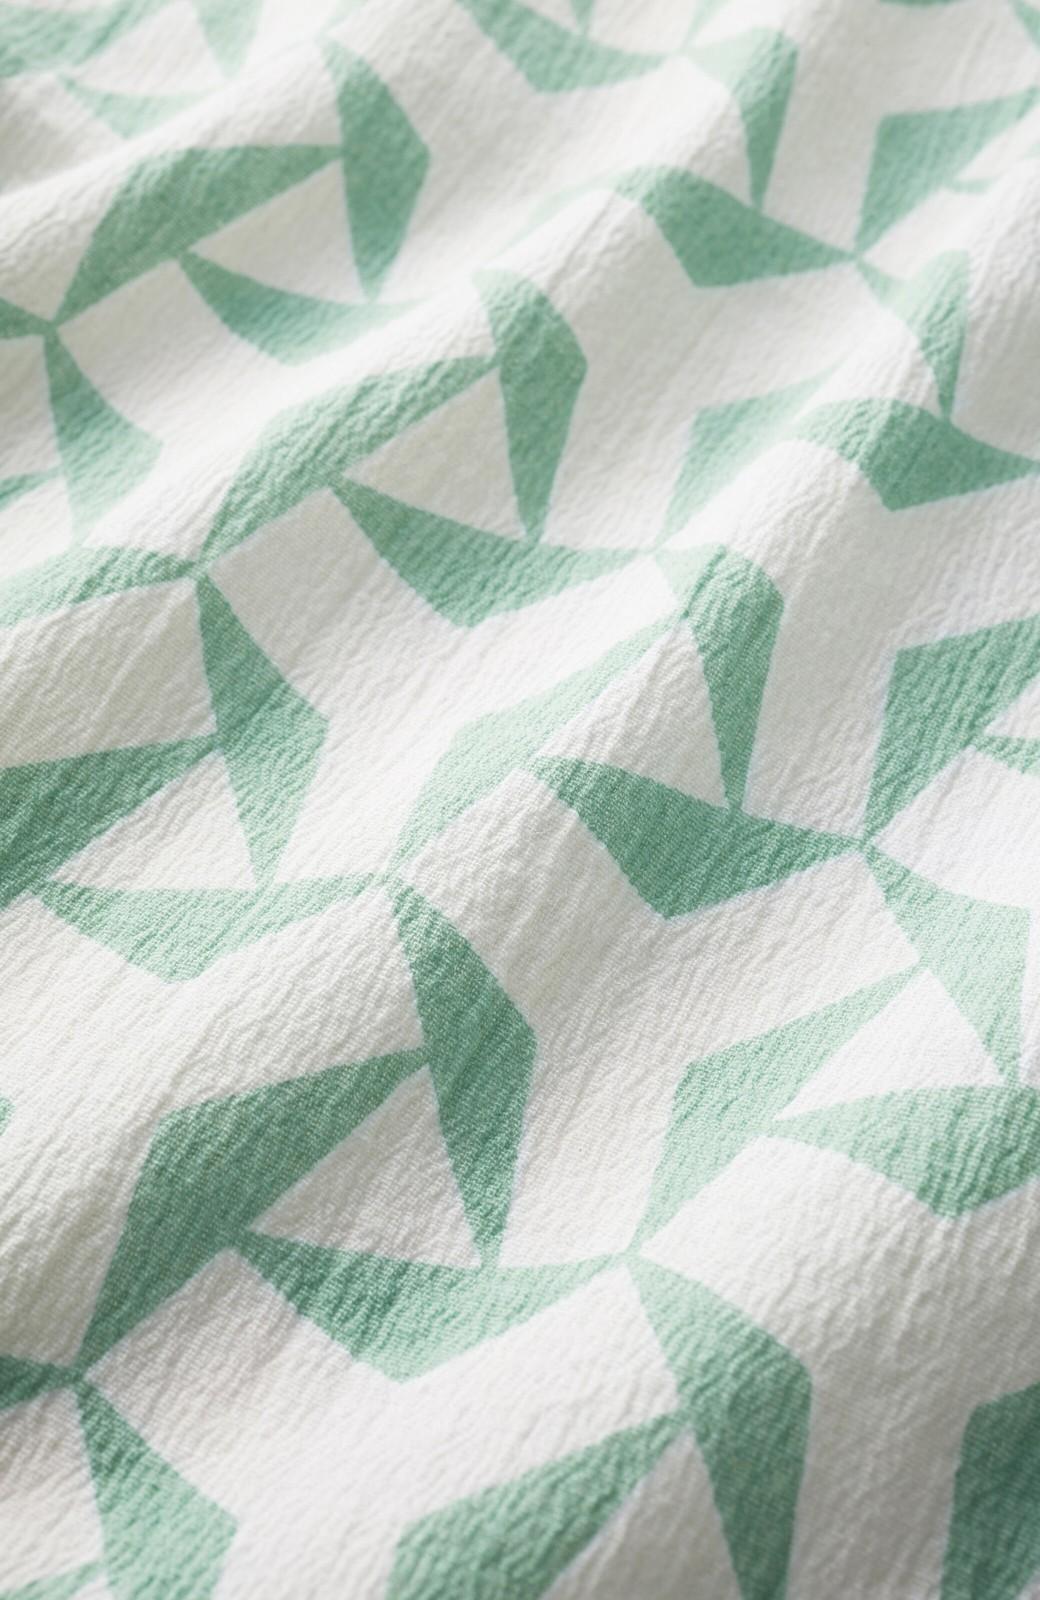 haco! 京都の浴衣屋さんと作った浴衣生地の後ろボタンブラウス <ホワイト×グリーン>の商品写真3